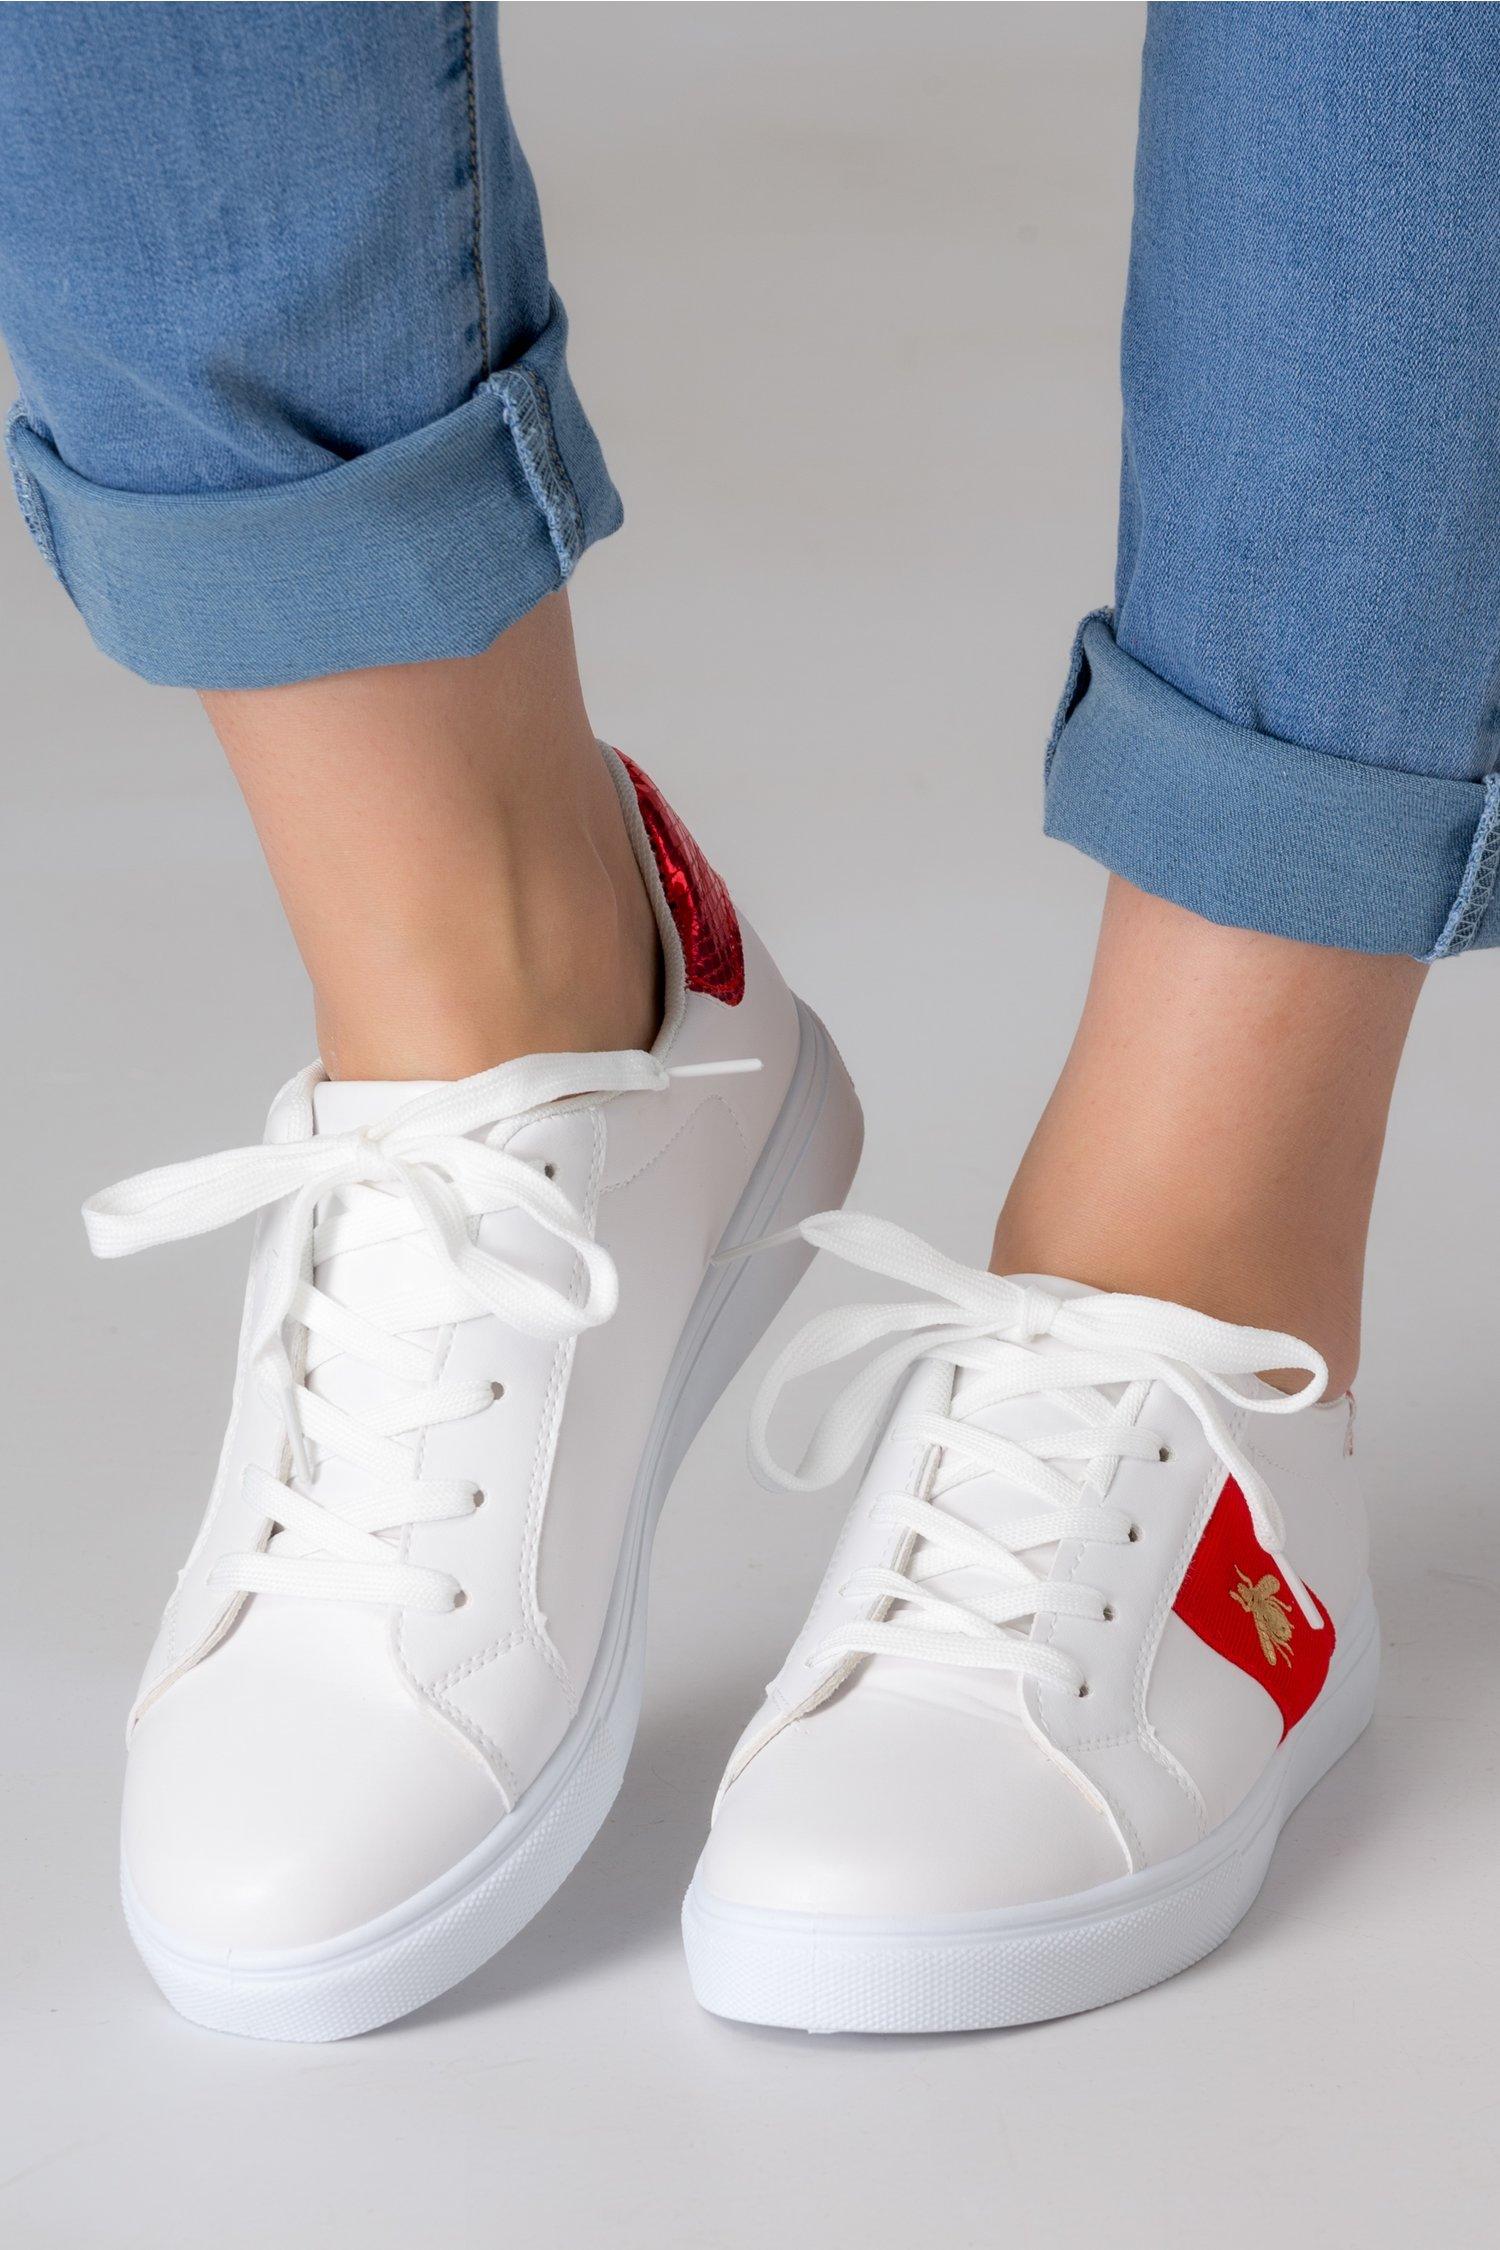 Pantofi sport Alexe albi cu insertii rosii